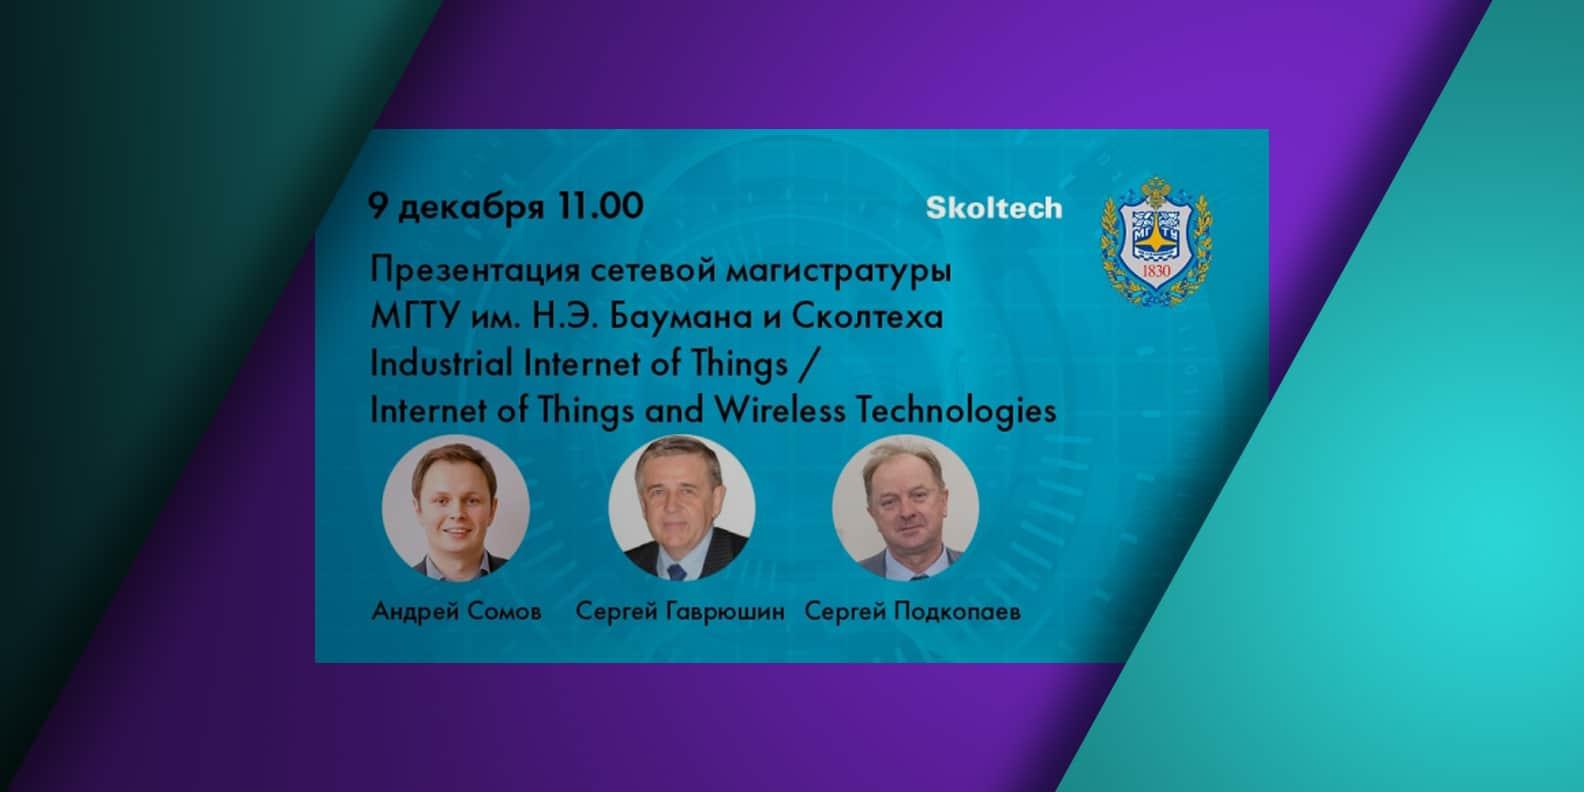 МГТУ им. Н.Э. Баумана и Сколтех 9 декабря 2020 года презентовали сетевую программу магистратуры «Интернет вещей и технологии беспроводной связи» / «Промышленный интернет вещей в цифровом производстве» и объявили о…